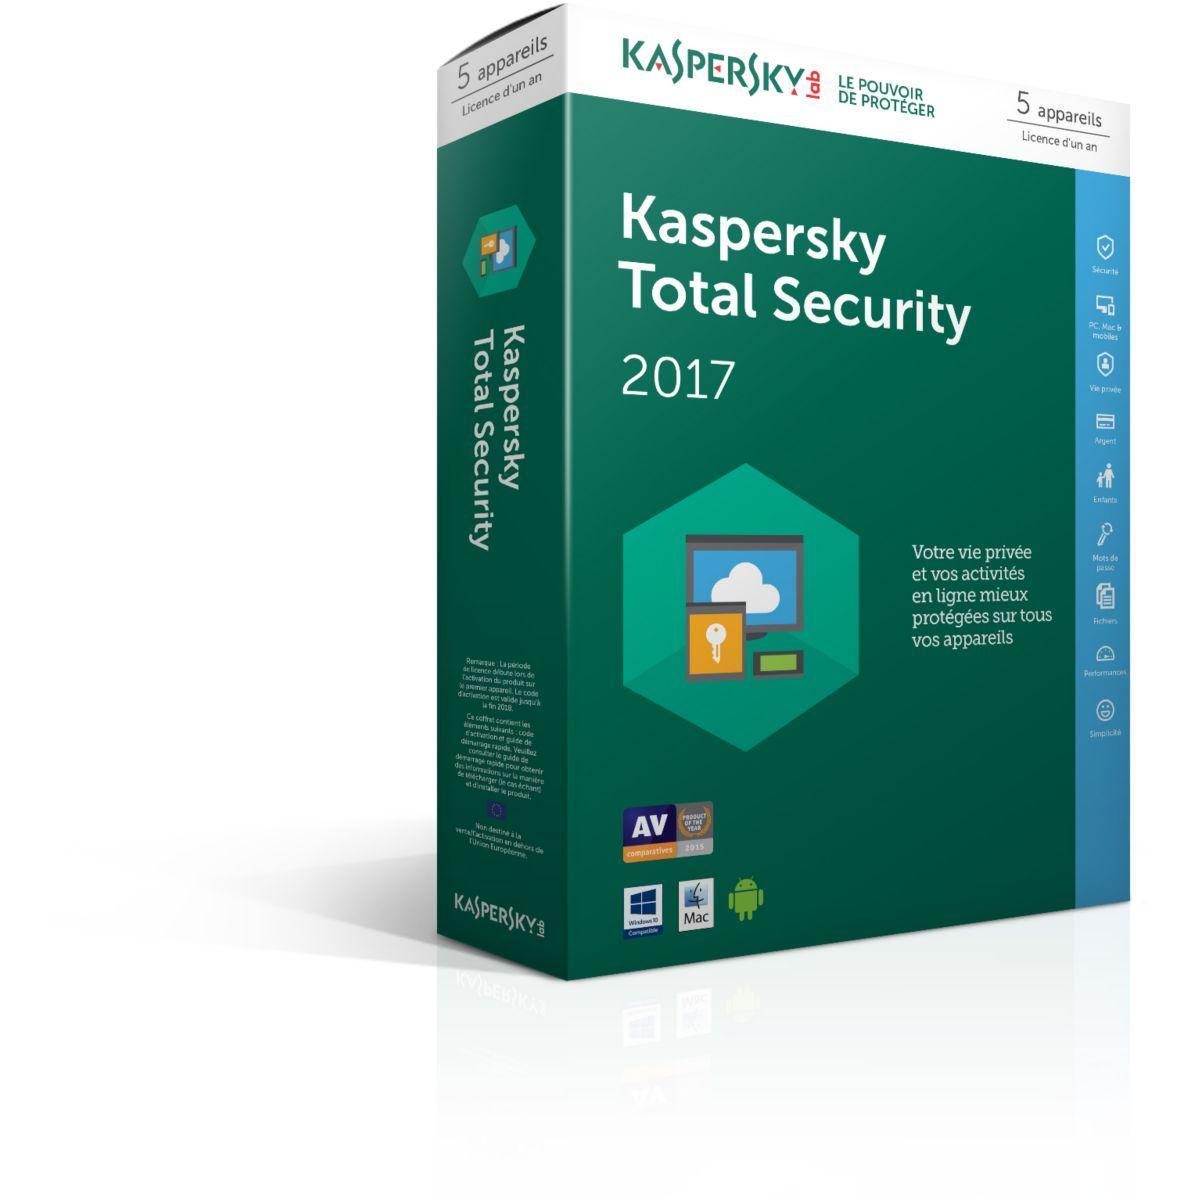 Logiciel antivirus pc kaspersky total security 2017 5 postes / 1 an - 15% de remise immédiate avec le code : cash15 (photo)